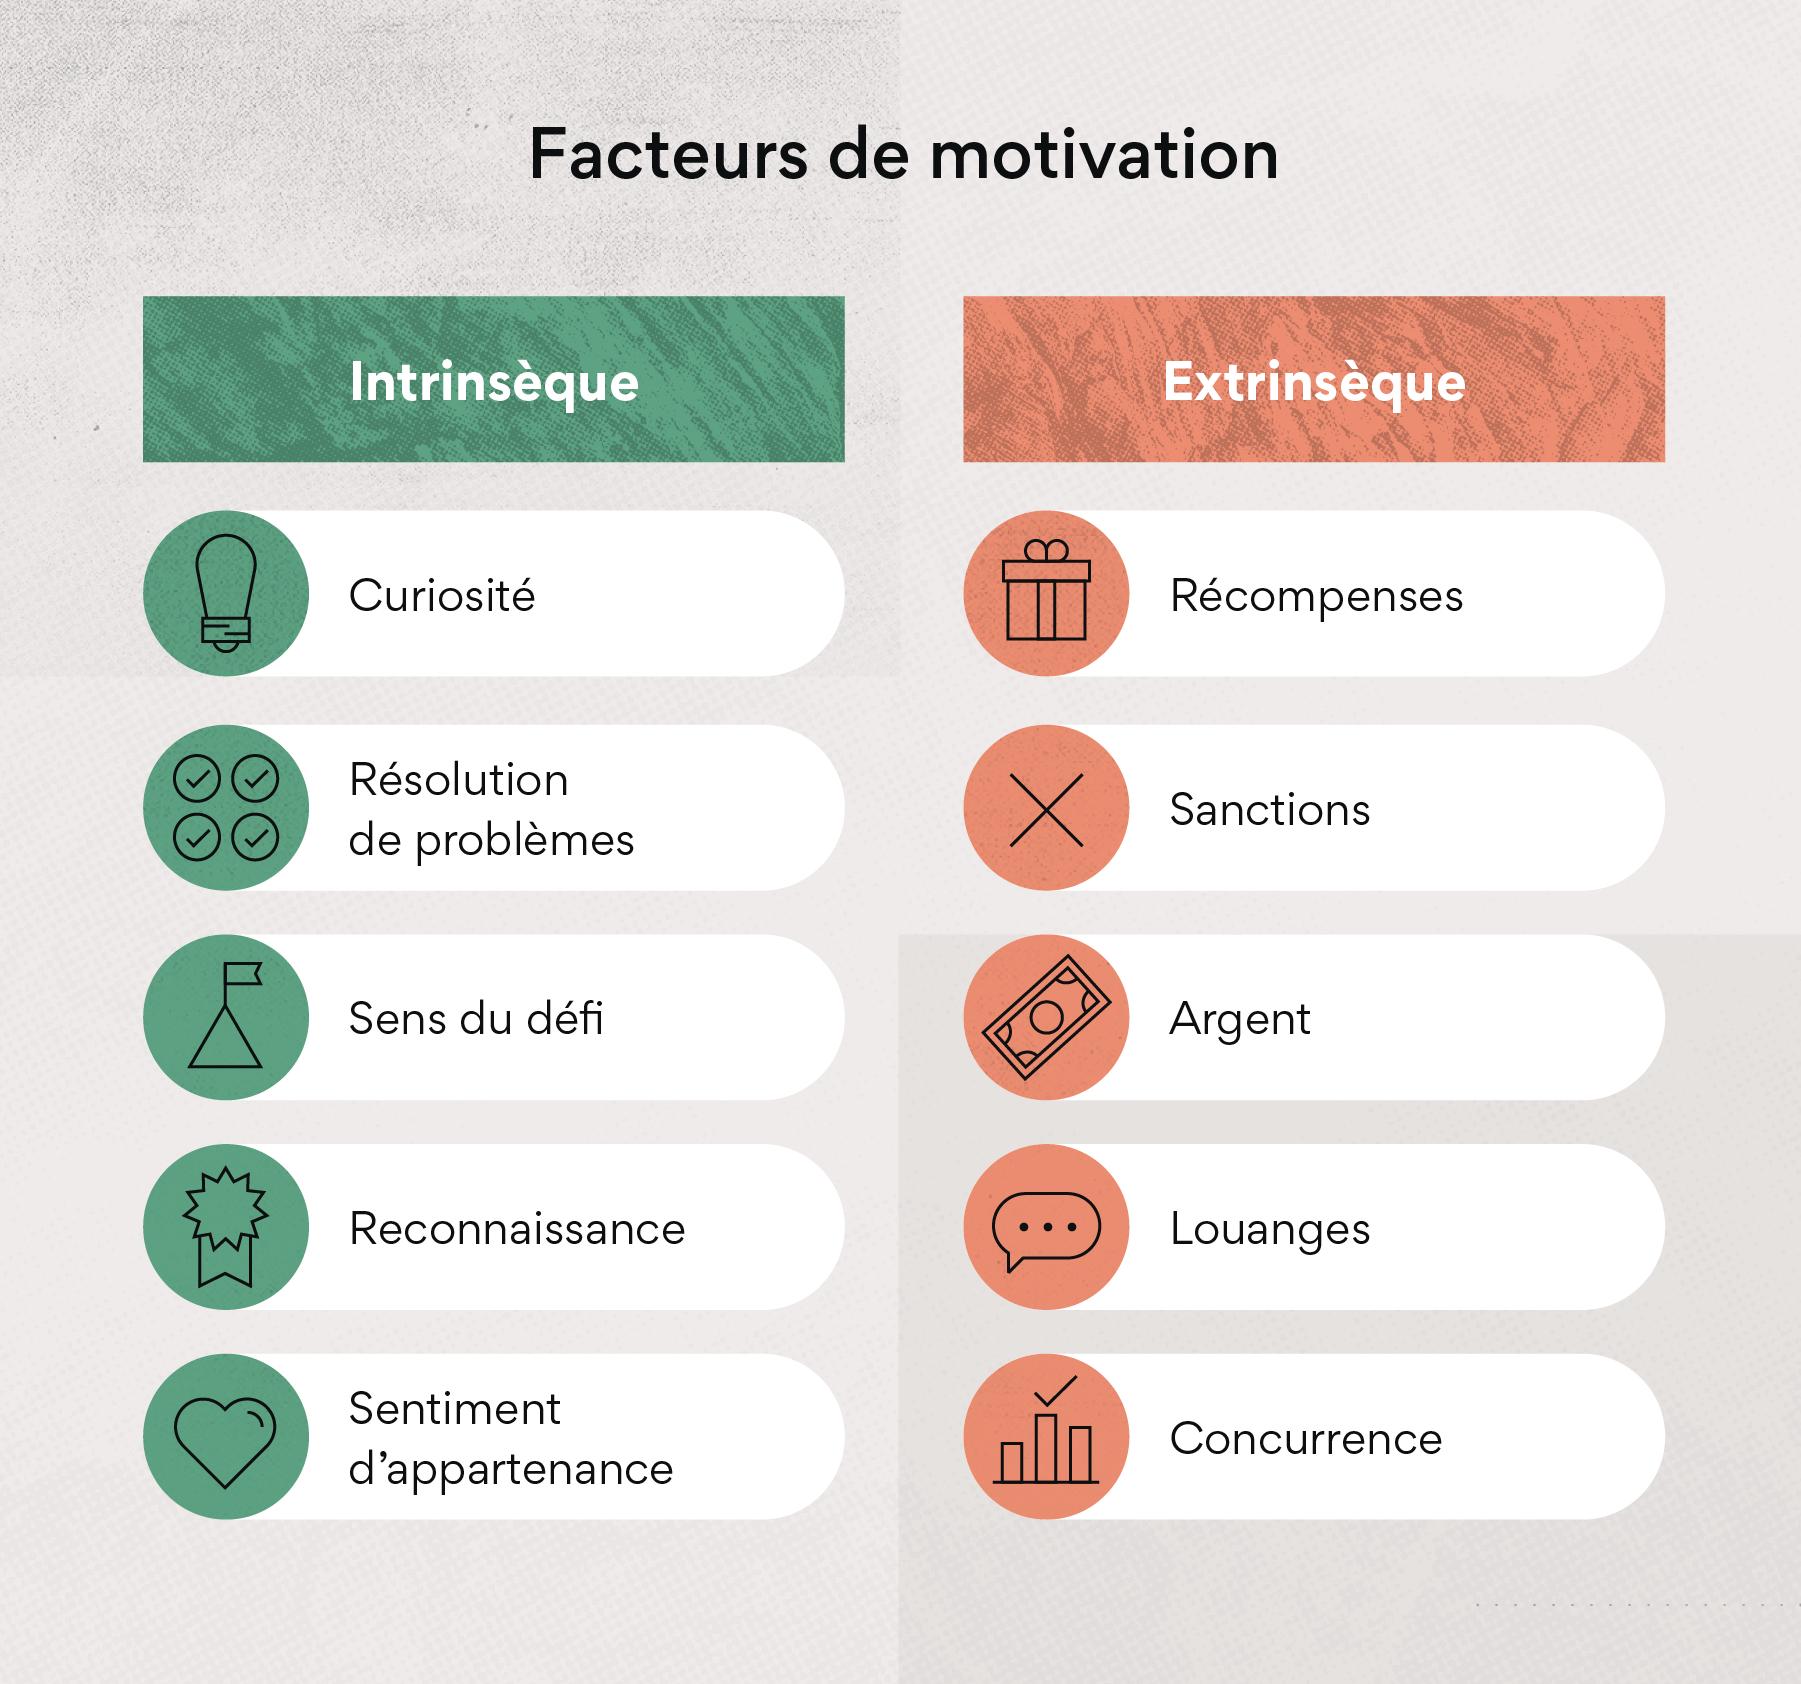 Les facteurs de motivation et leurs effets